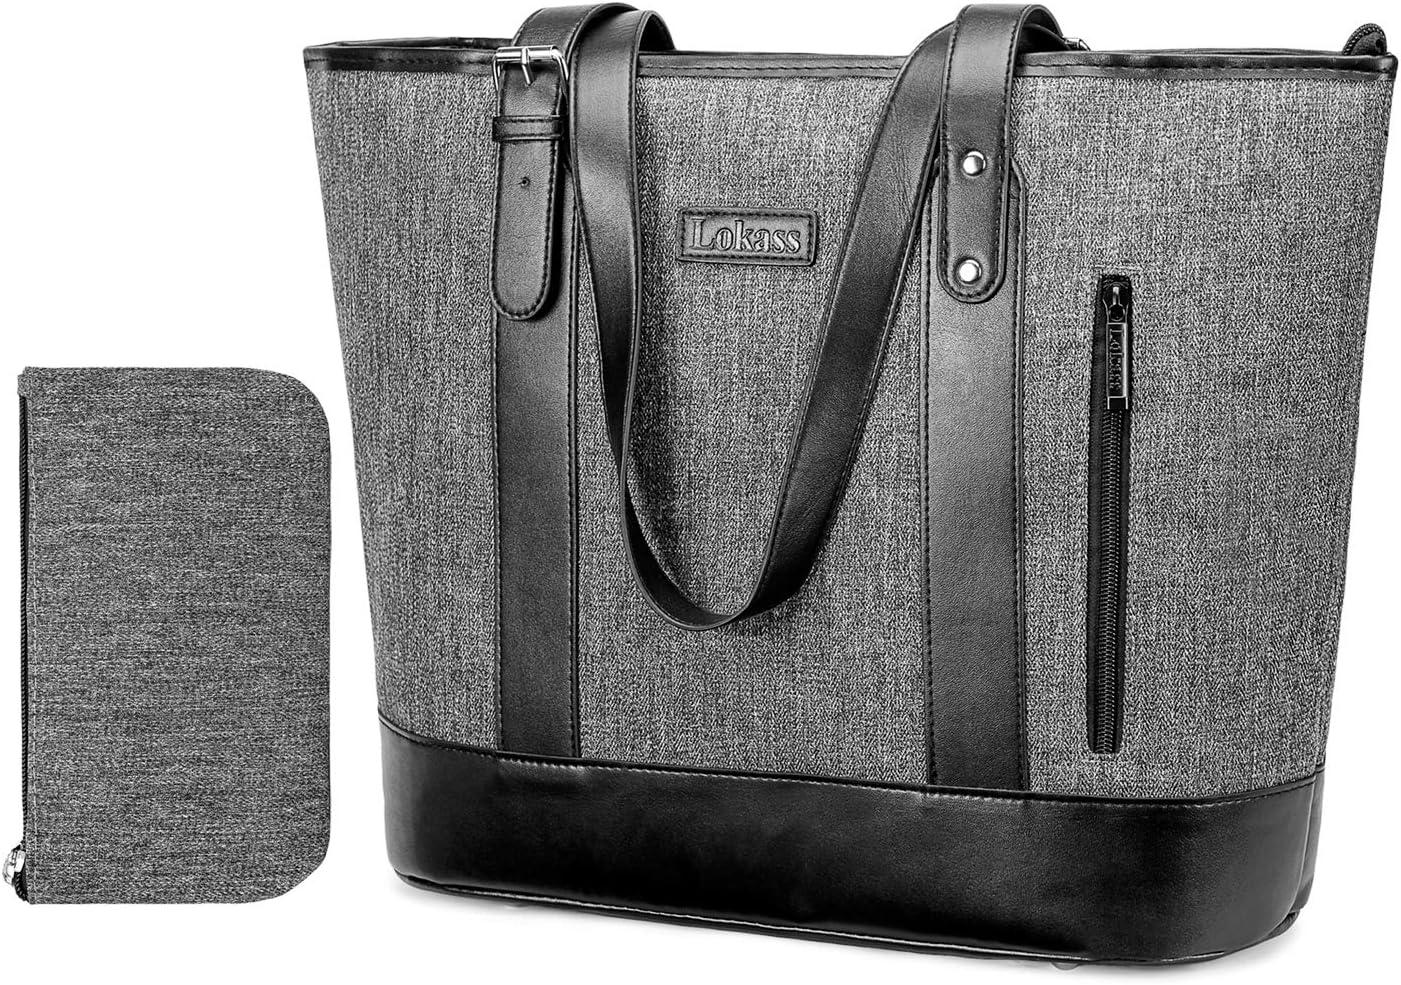 UtoteBag 15.6 Inch Women Laptop Tote Bag Classic Shoulder Bag Compatible Notebook Ultrabook Handle Adjustable Handbag Briefcase for Work Travel Business Office (Grey)